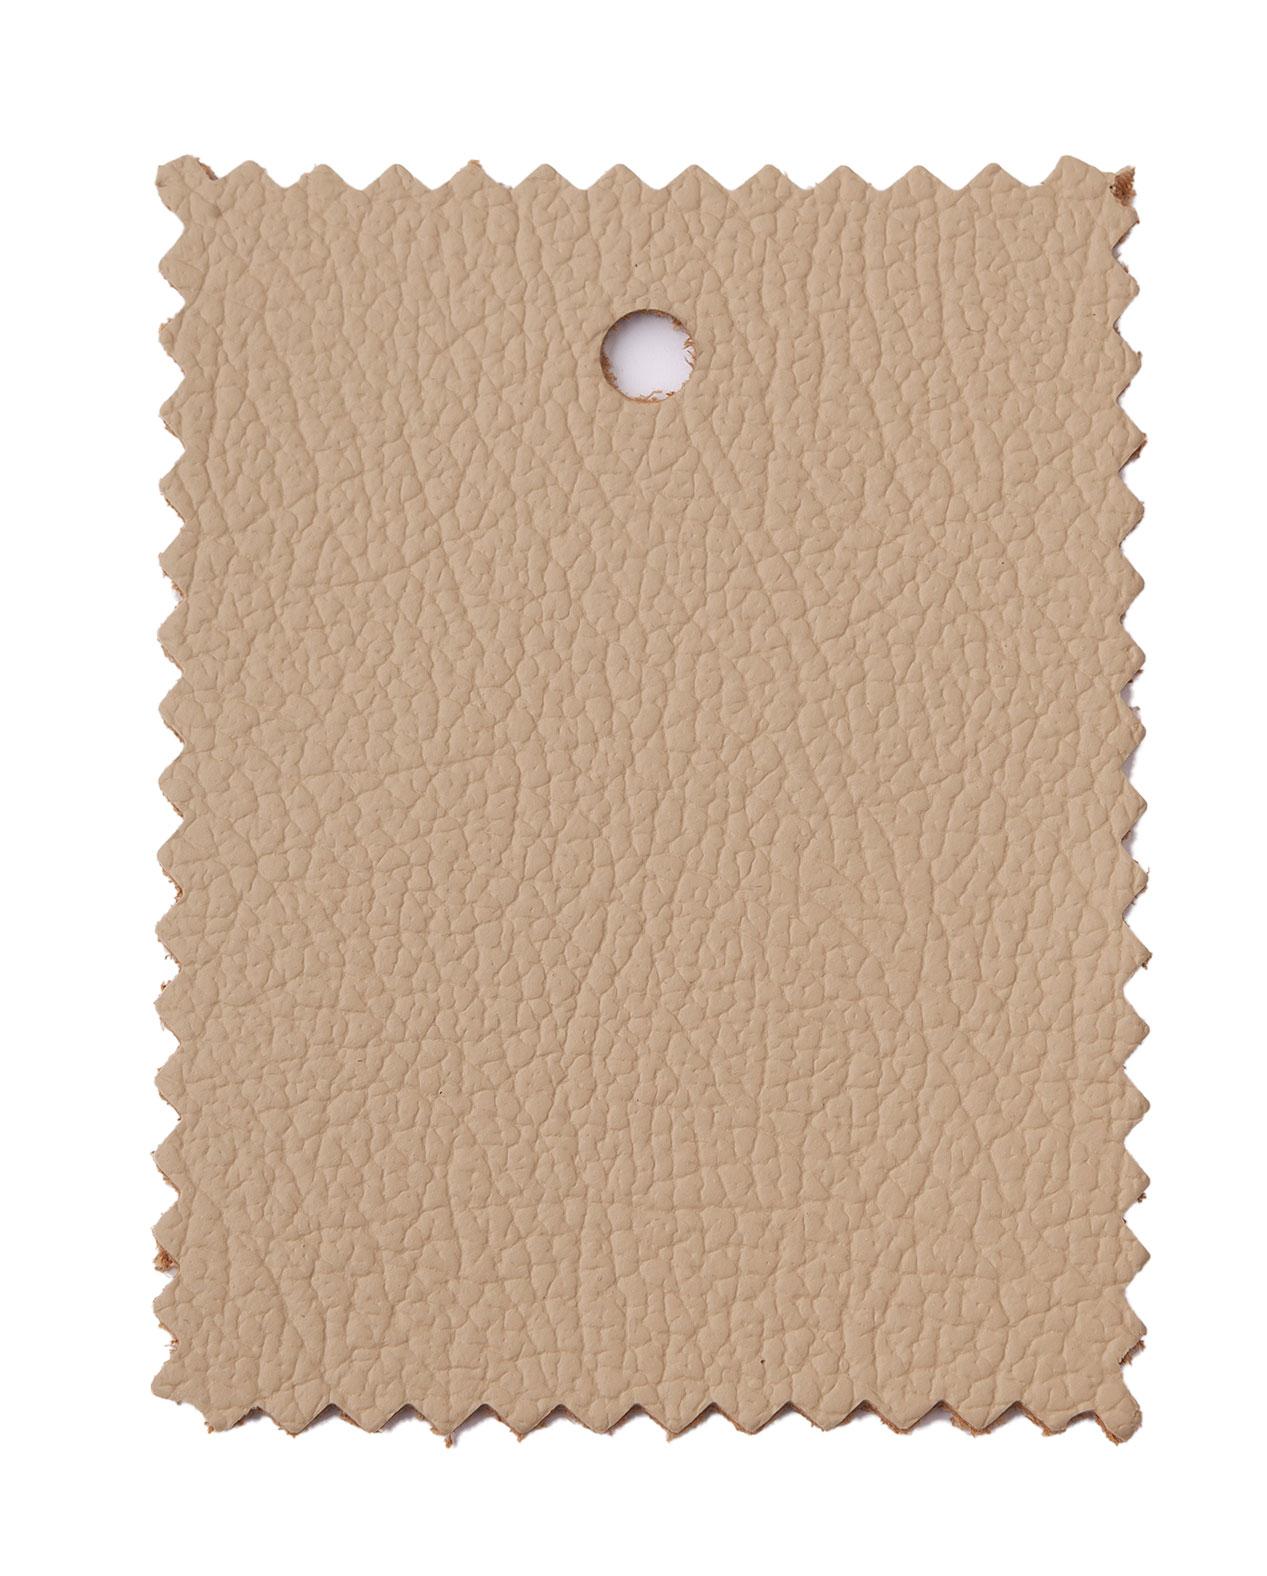 Abbildung Oldtimerleder-8014K-pergament-kopfgefaerbt